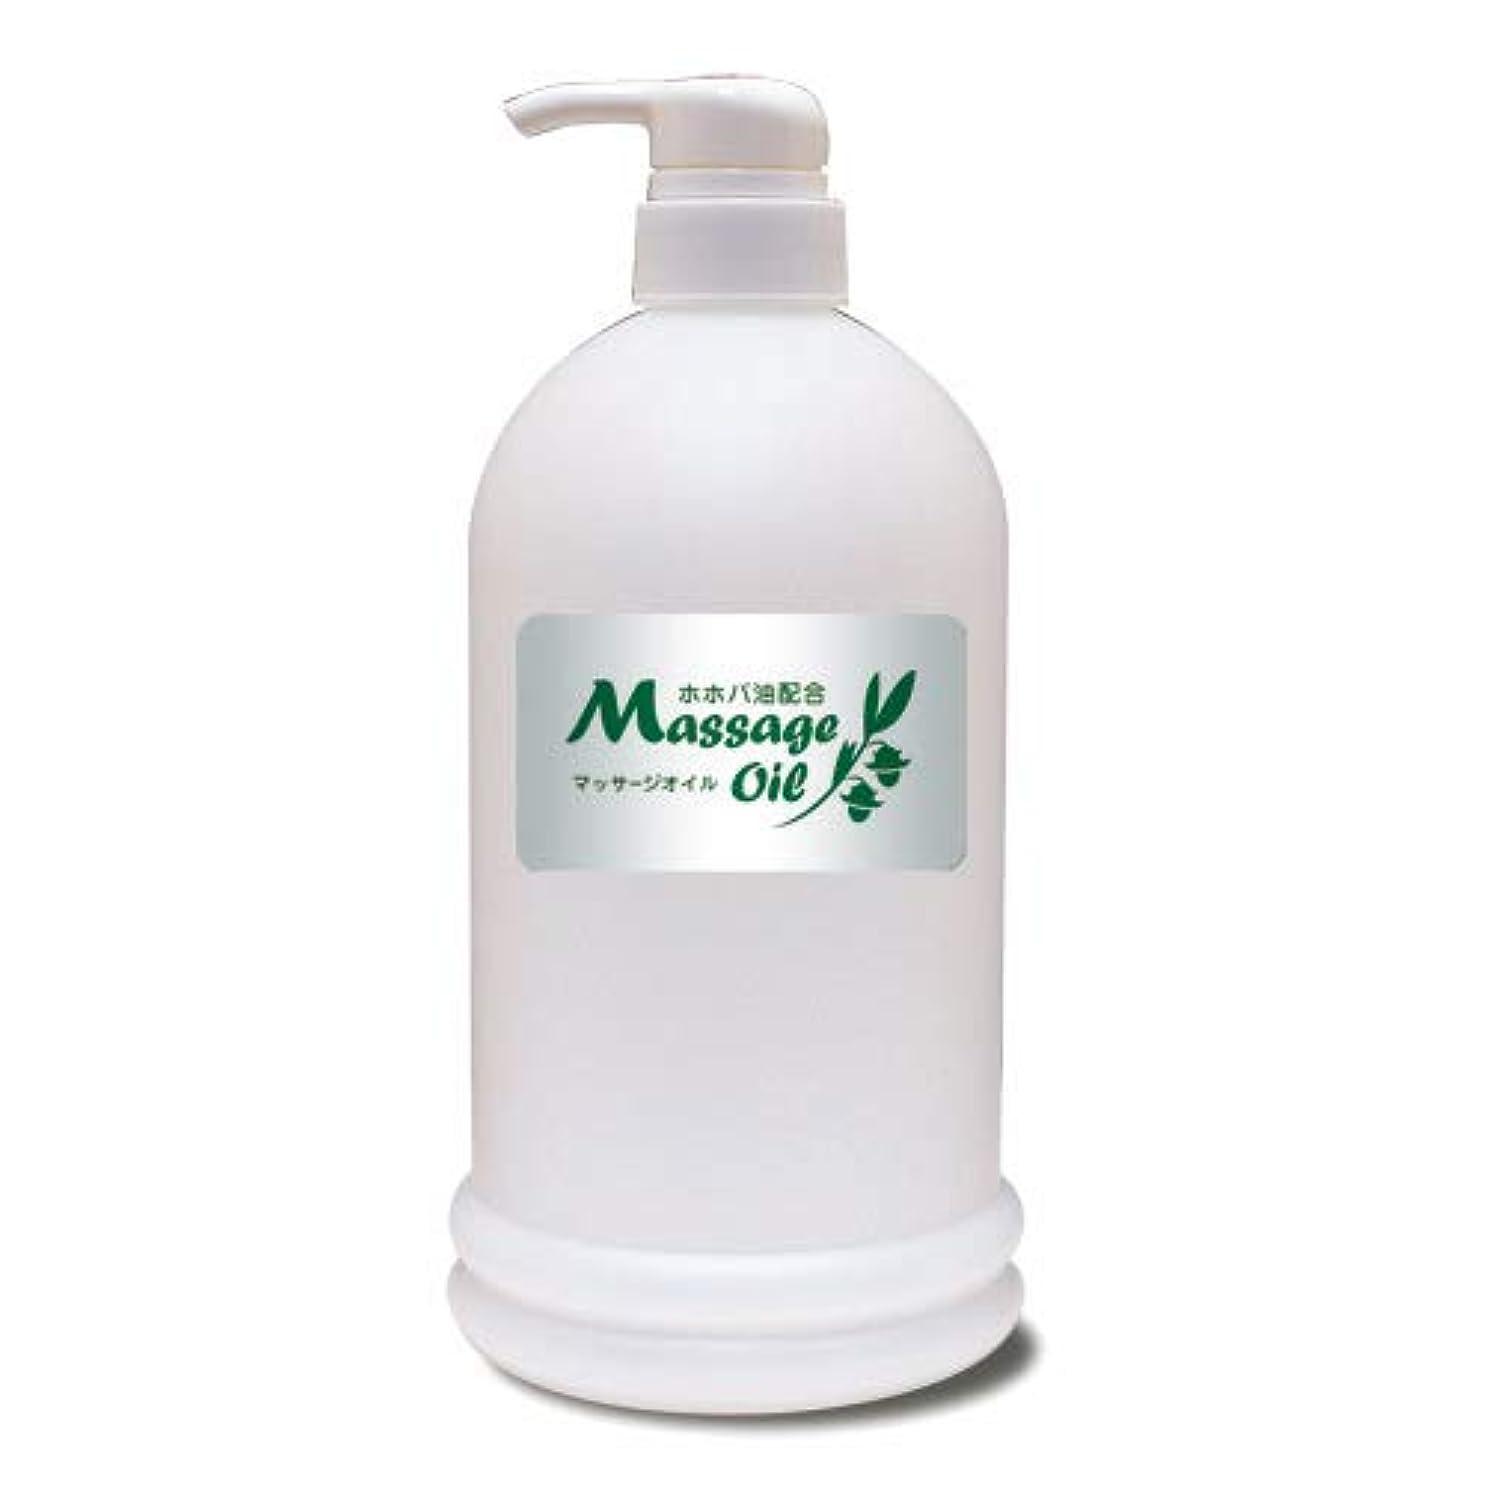 マトリックス目の前の資金ホホバ油配合マッサージオイル 1Lボトル│エステ店御用達のプロ仕様業務用マッサージオイル 大容量 ホホバオイル